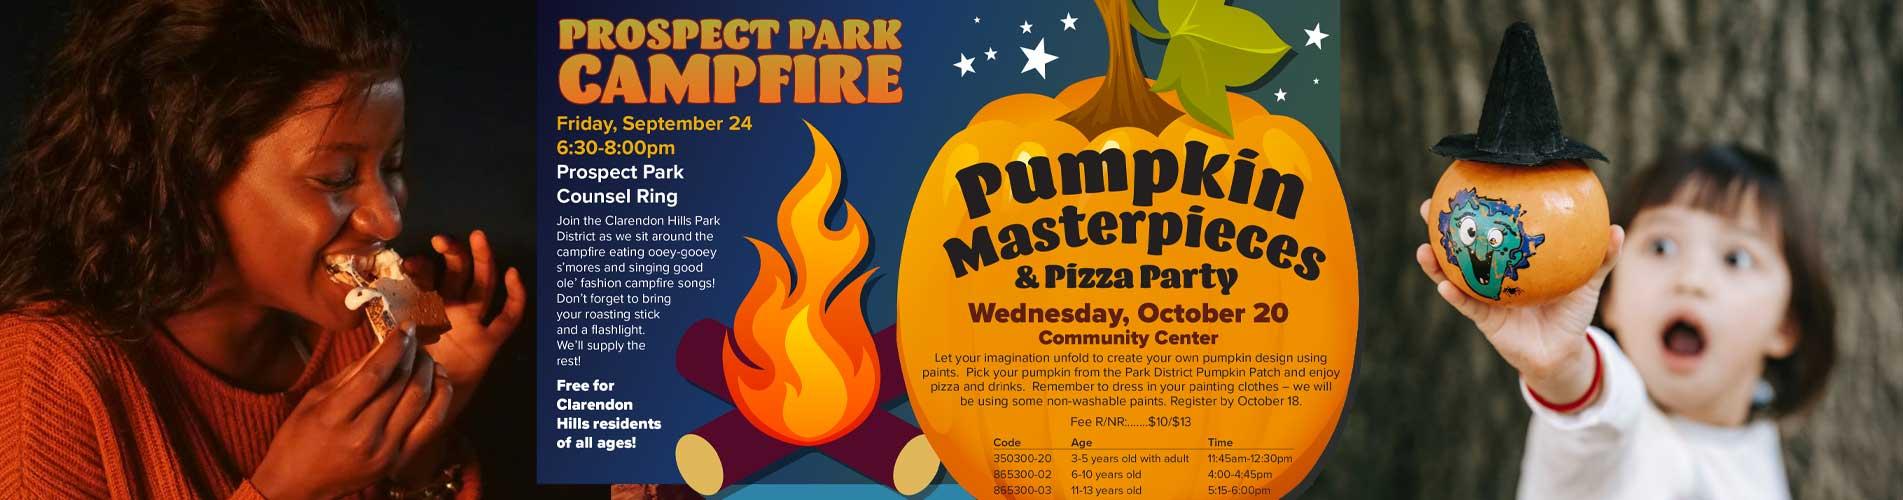 Campfire - Pumpkin Masterpieces